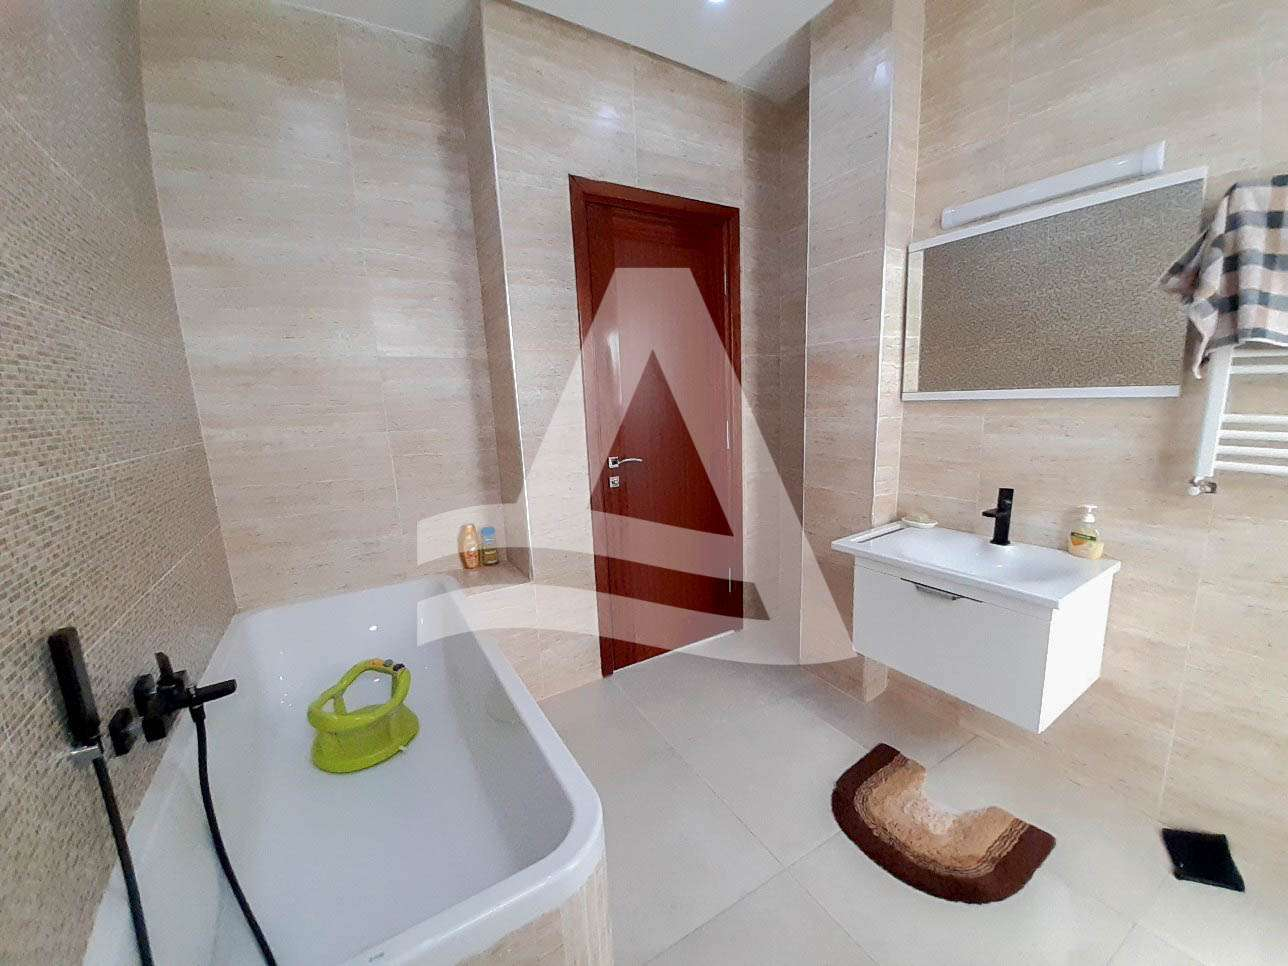 httpss3.amazonaws.comlogimoaws20288805491601644439Appartement_Gammarth_Tunisie_-10